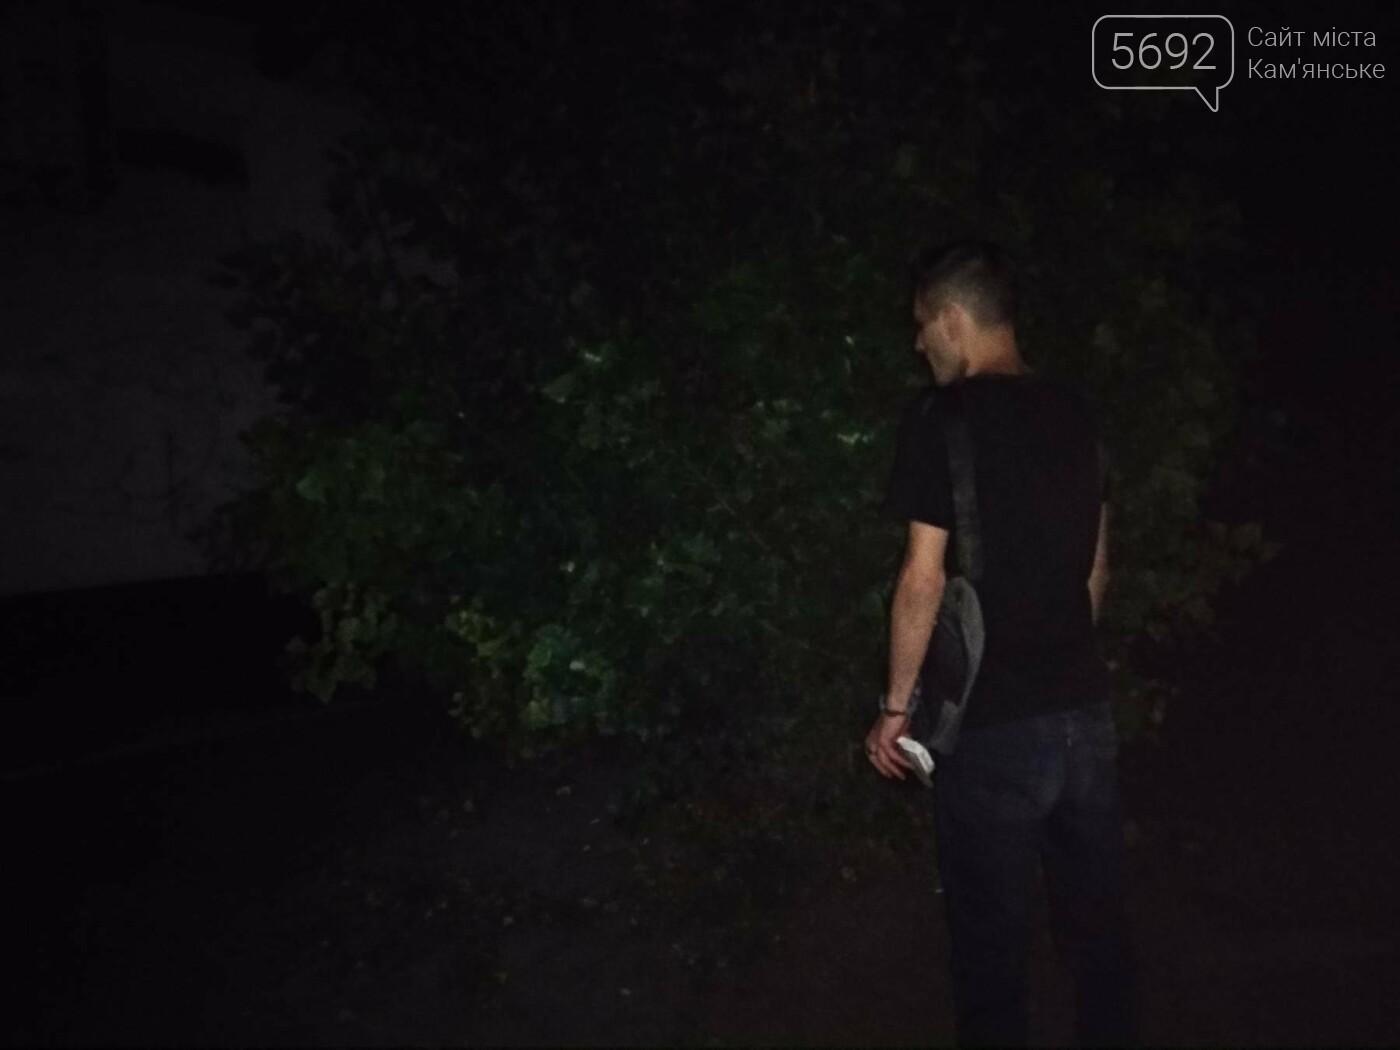 Одна ночь из жизни патрульных Каменского, фото-13